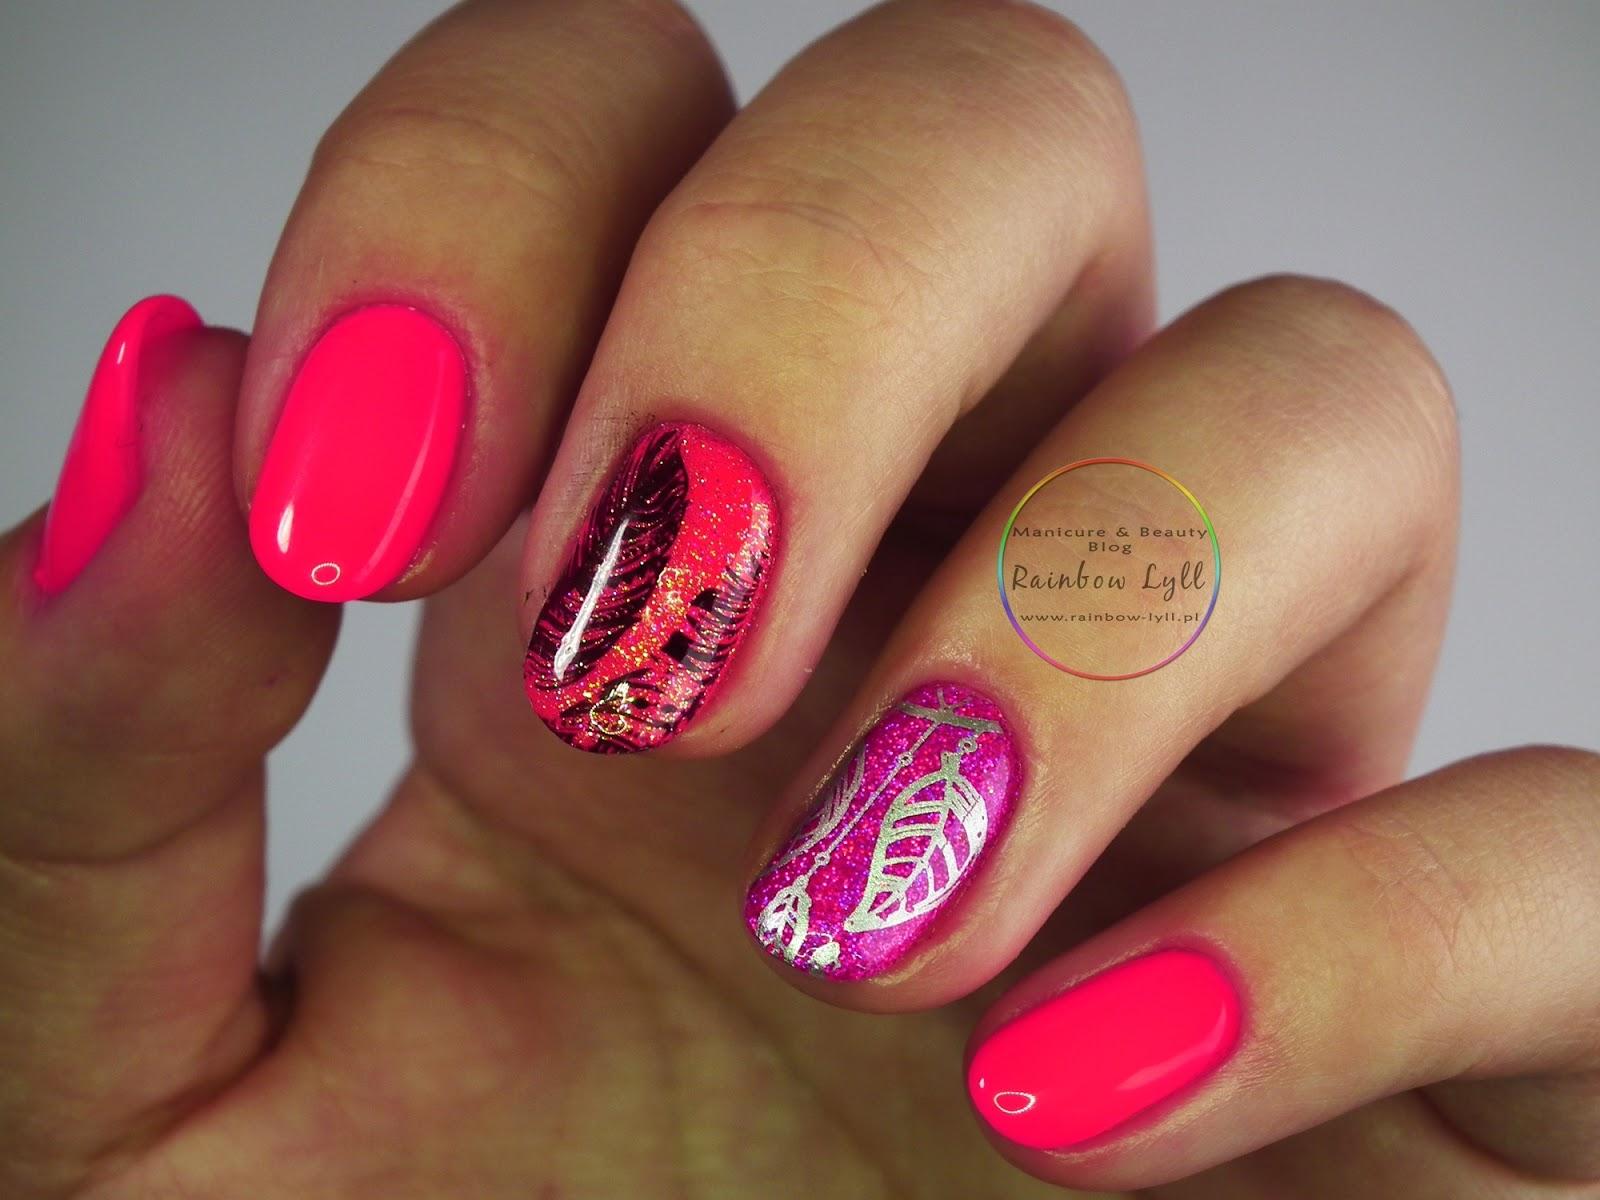 Iliz Beauty Neon Holo I Piora Manicure Hybrydowy